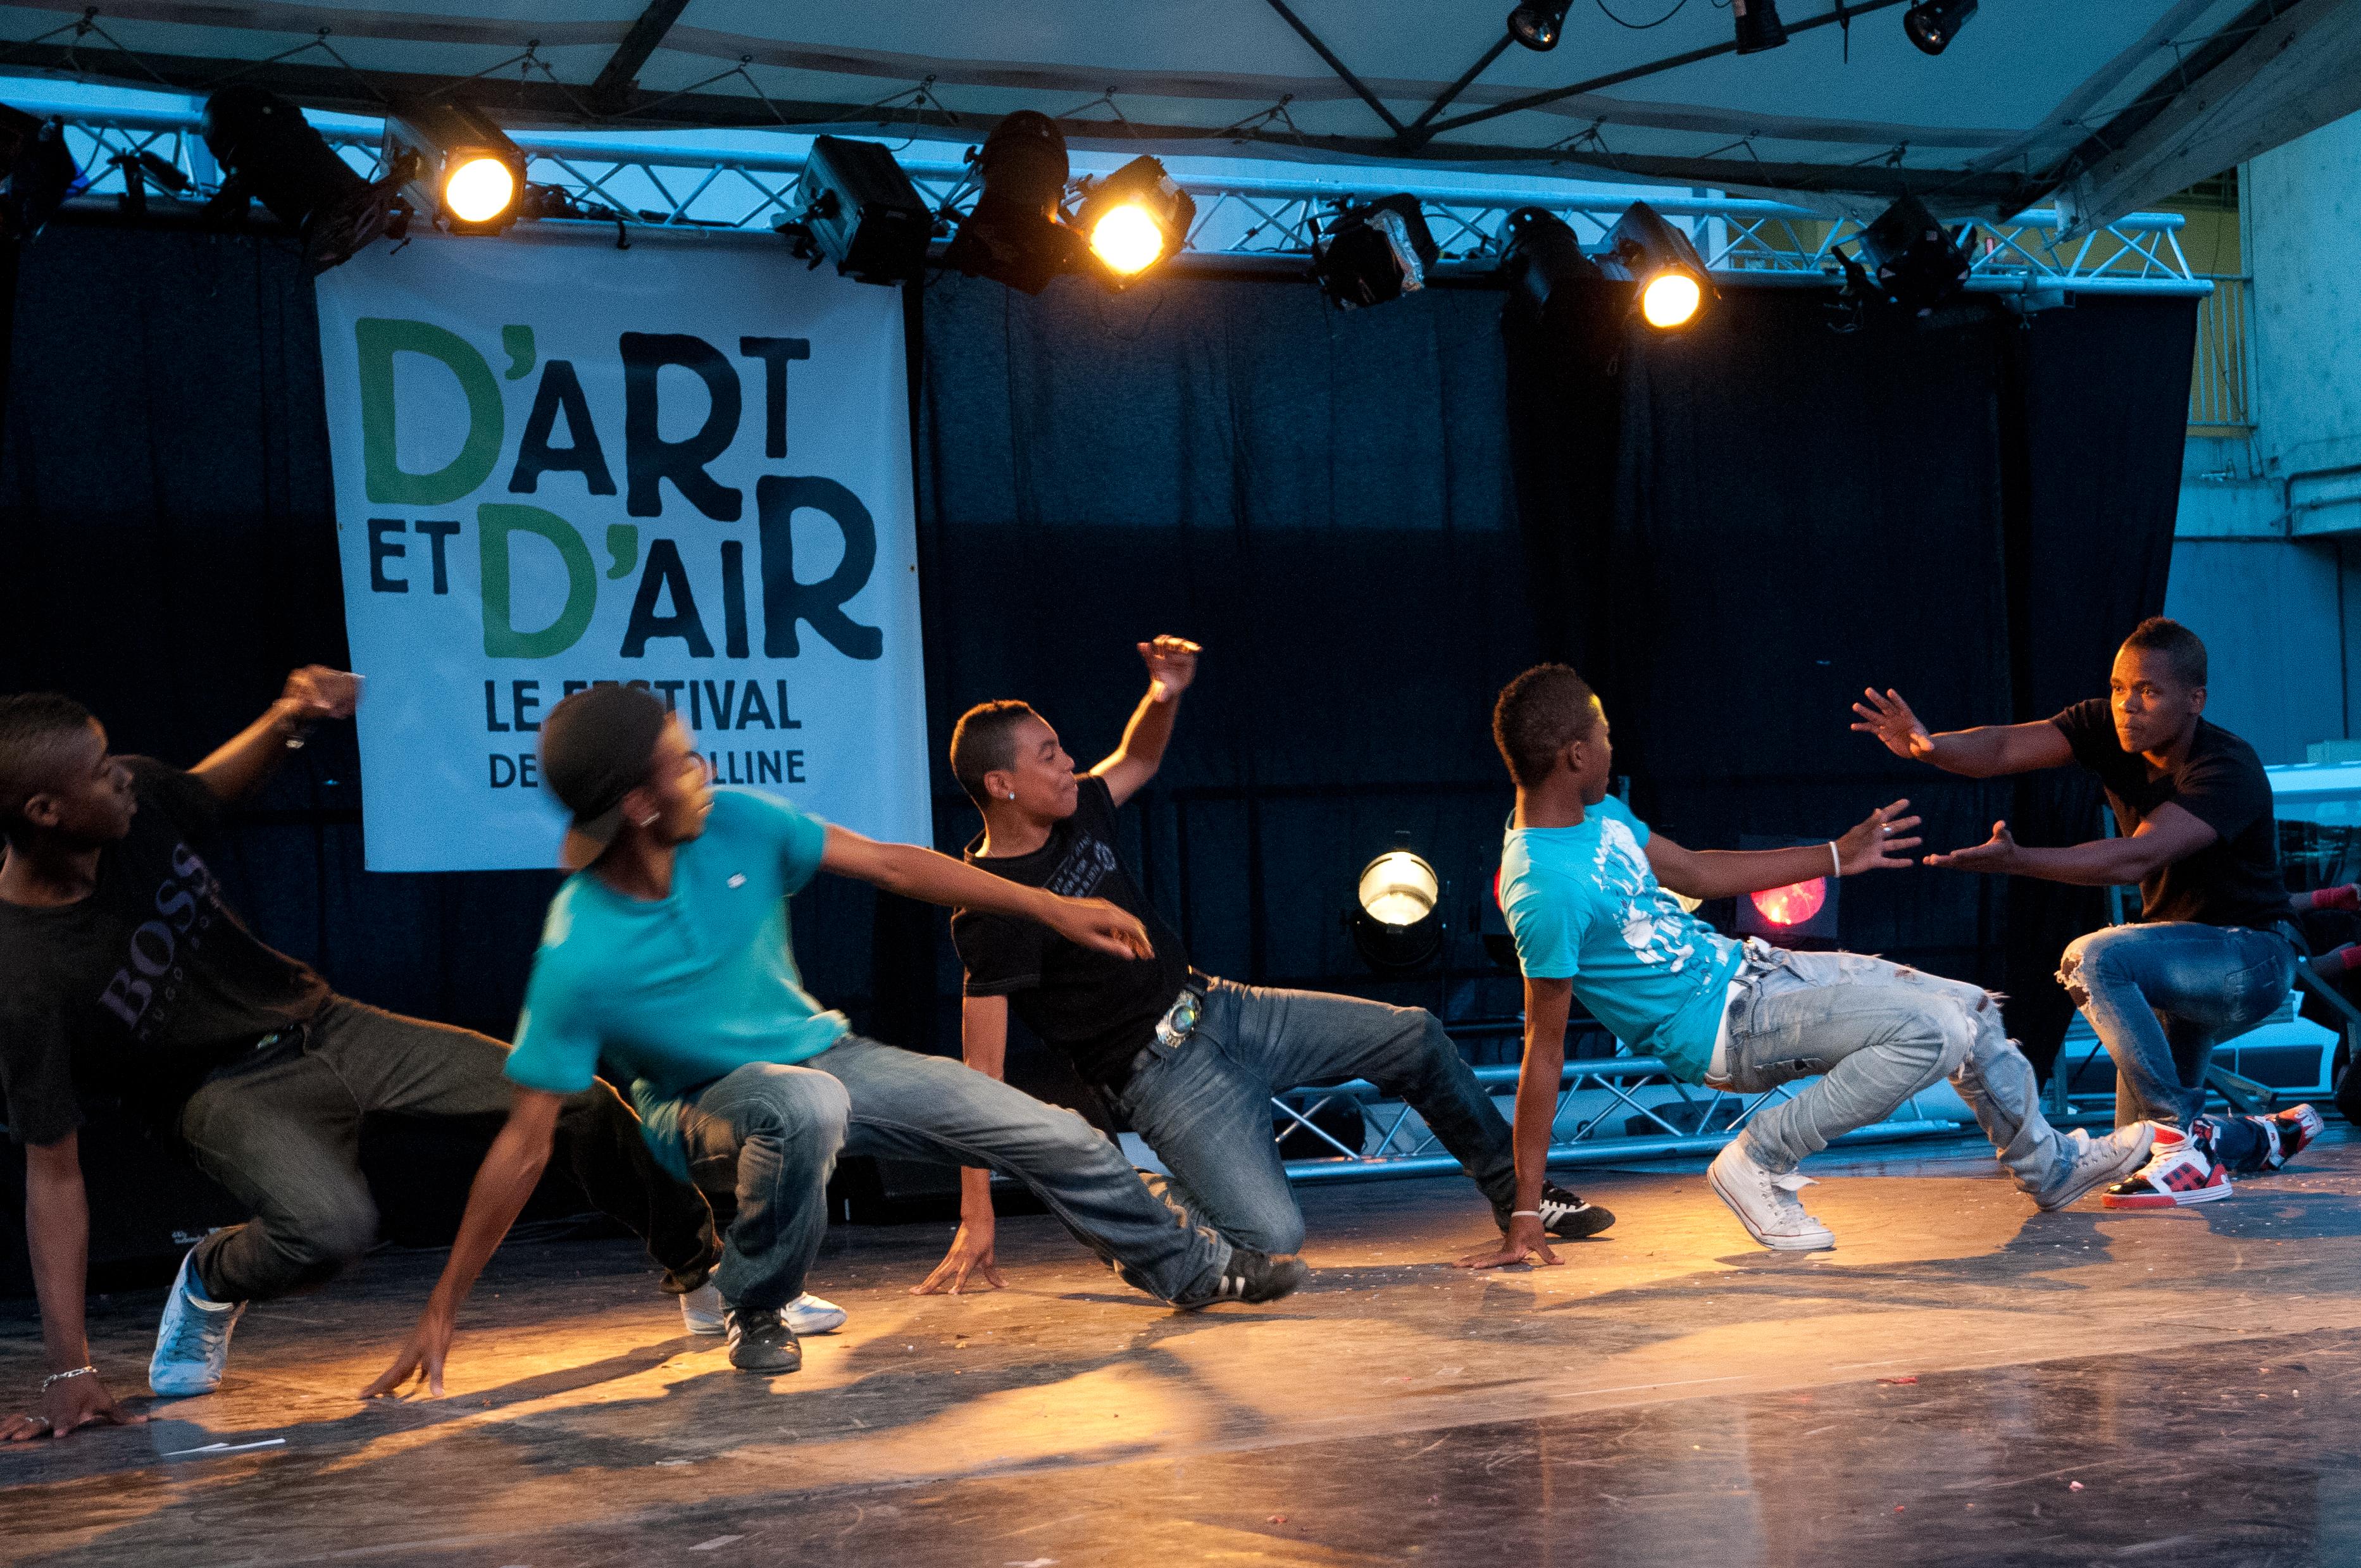 """Groupe """"La Résistance"""" - Festival D'art et D'air - 2011"""